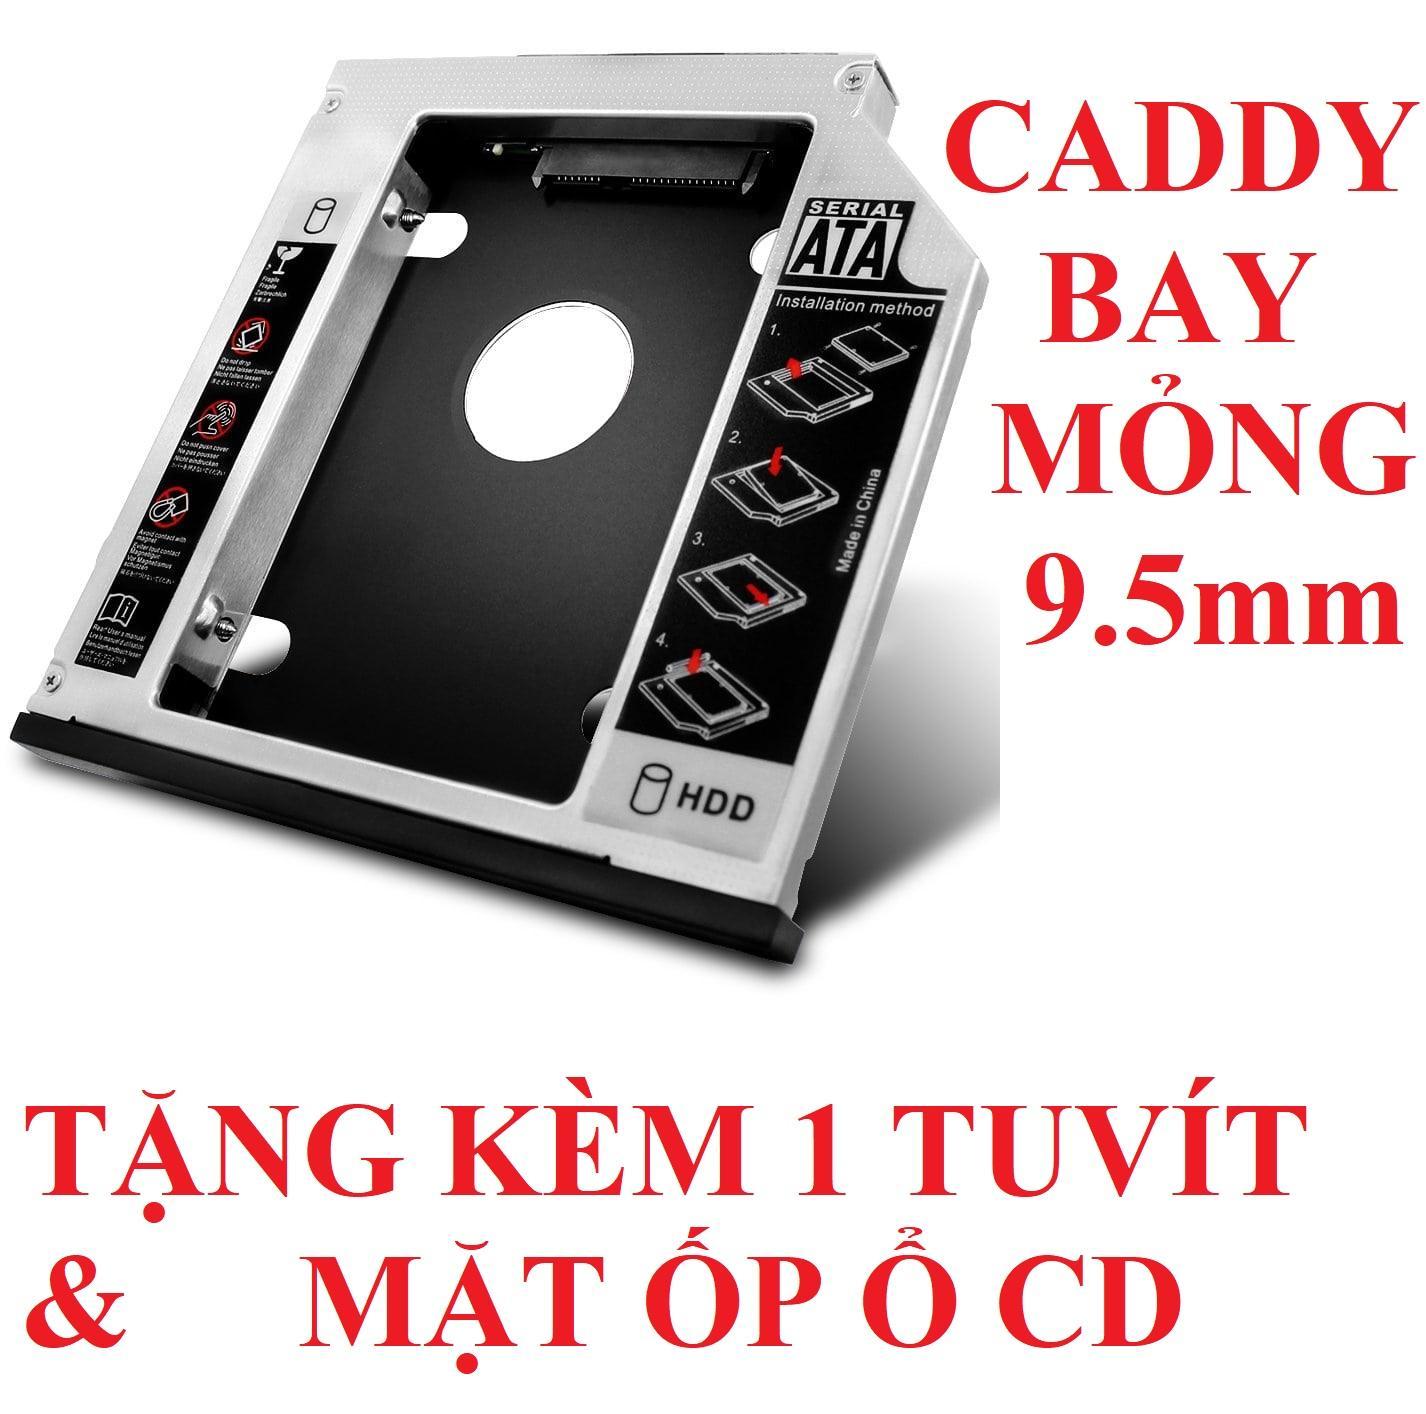 Khay gắn HDD/SSD cổng DVD - Caddy Bay SATA gắn thêm ổ cứng cho Laptop 9.5mm Mỏng - oden0232